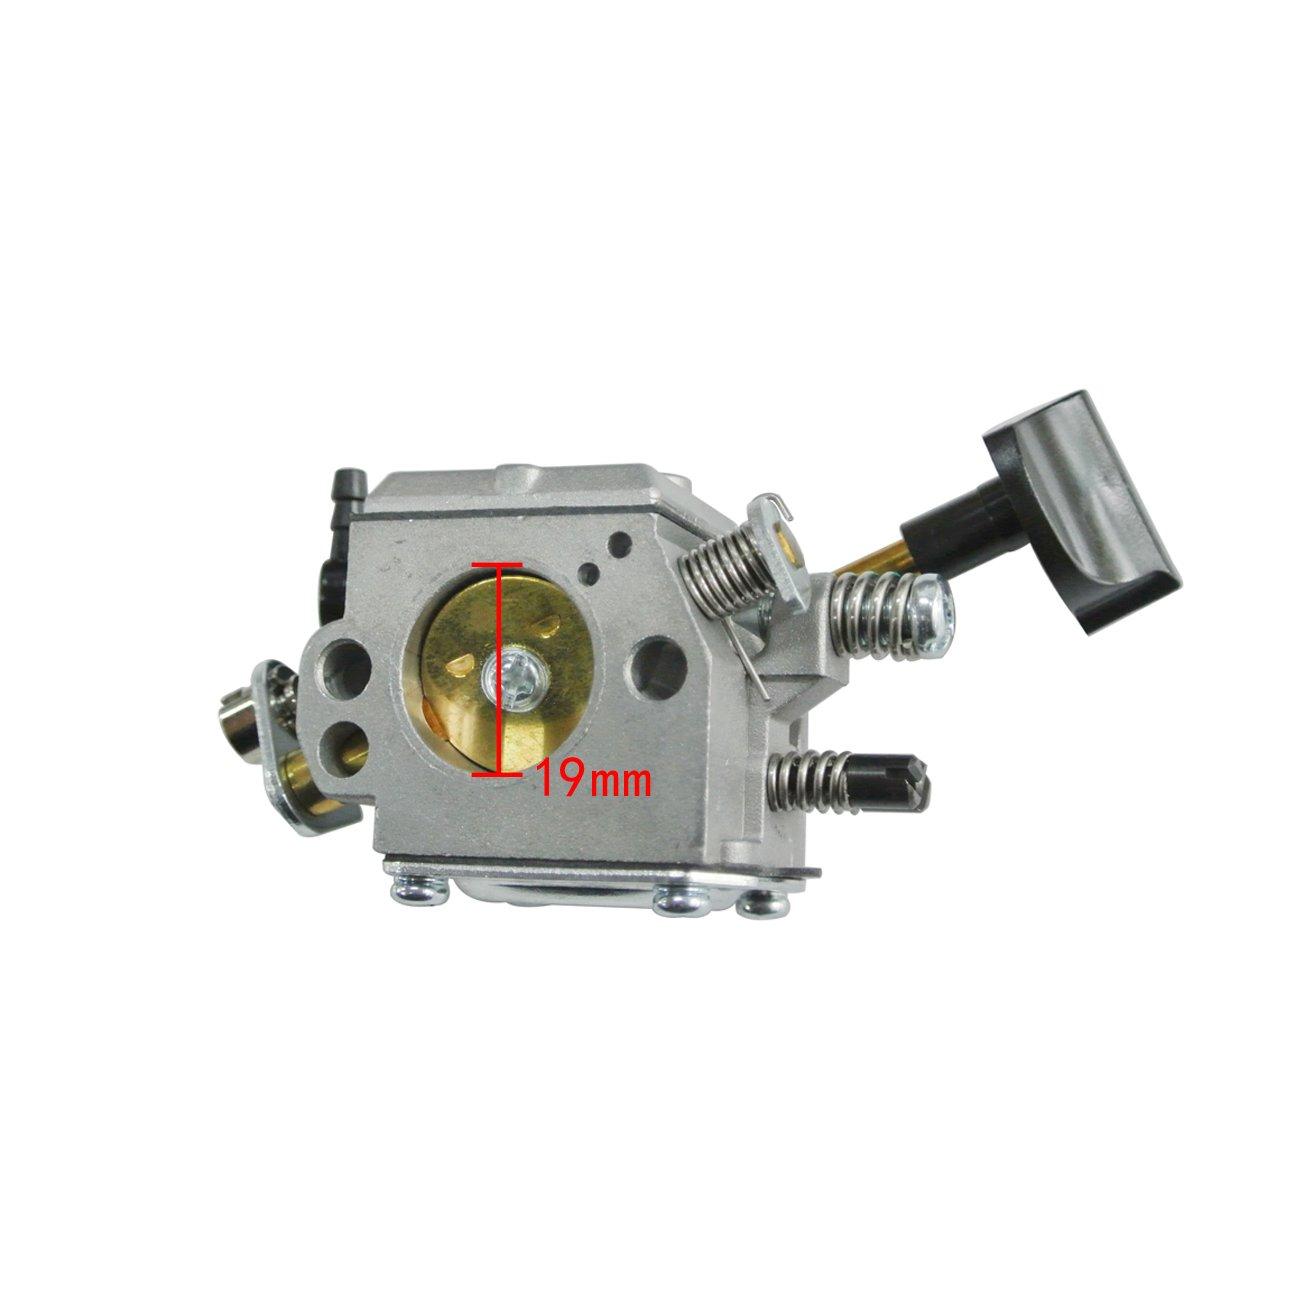 jrl para carburador para soplador Stihl BR400 BR420 BR320 BR380 ...